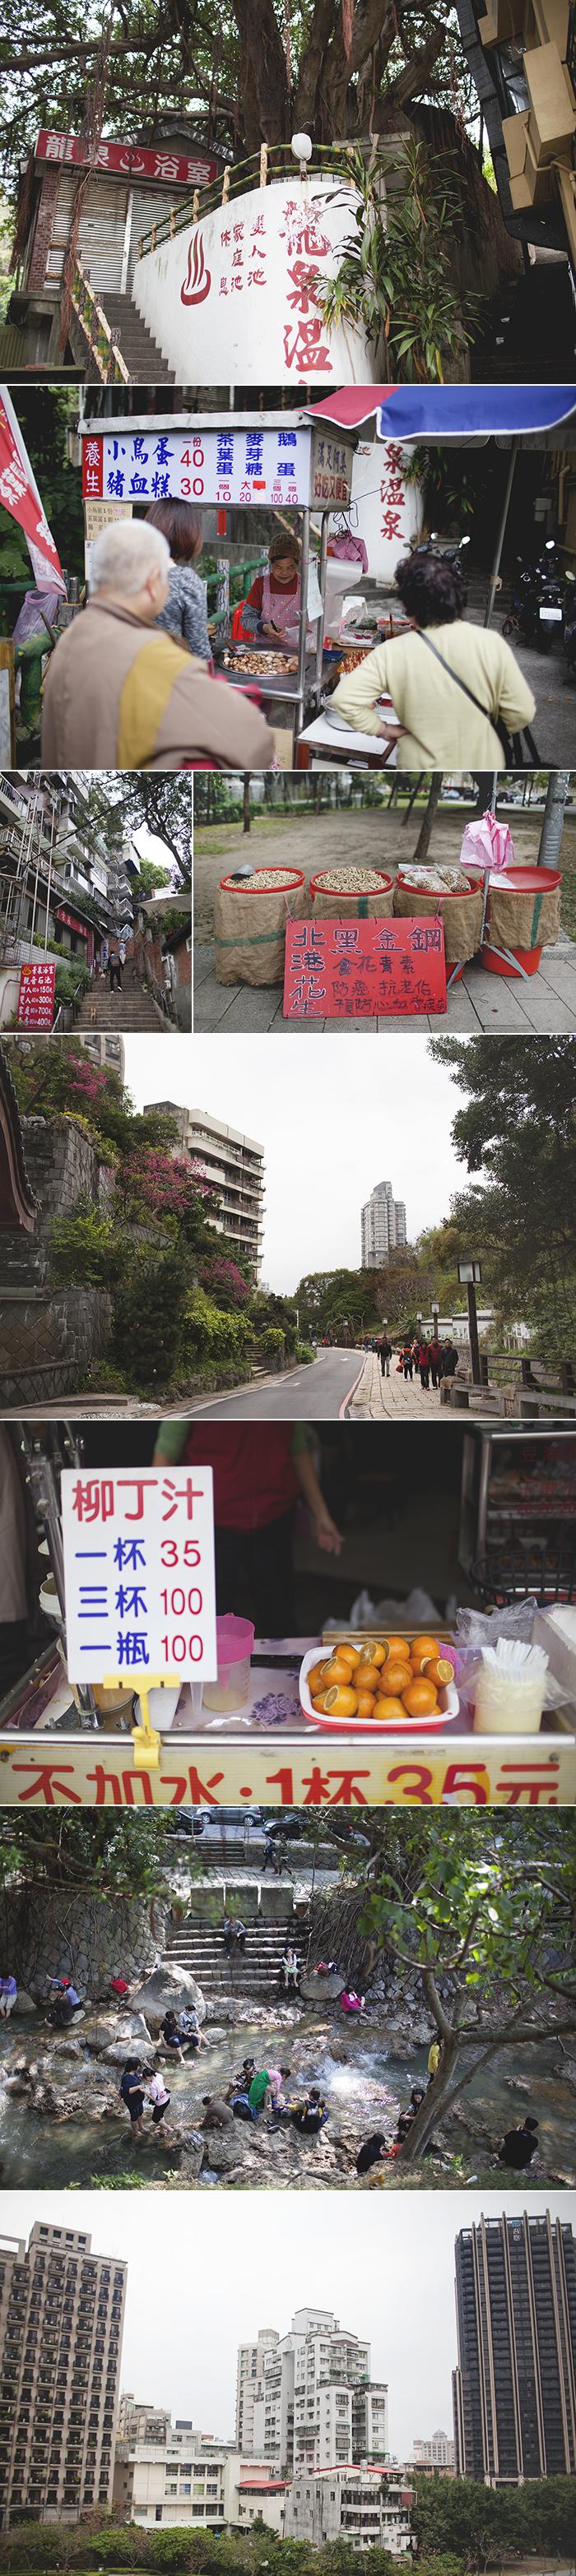 taiwan post 1c